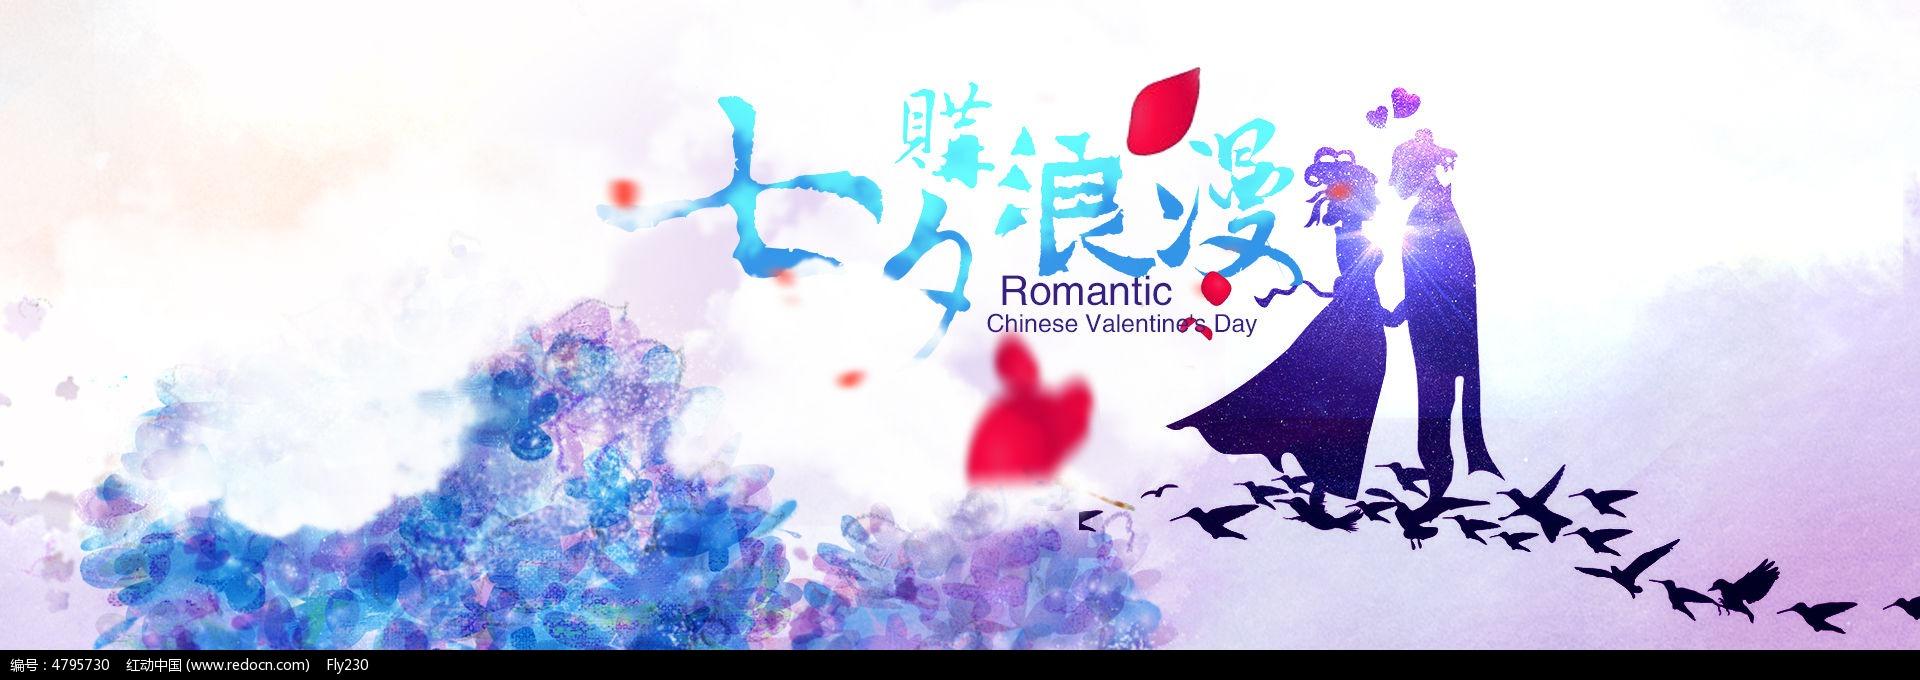 淘宝天猫浪漫七夕情人节促销海报设计模板图片